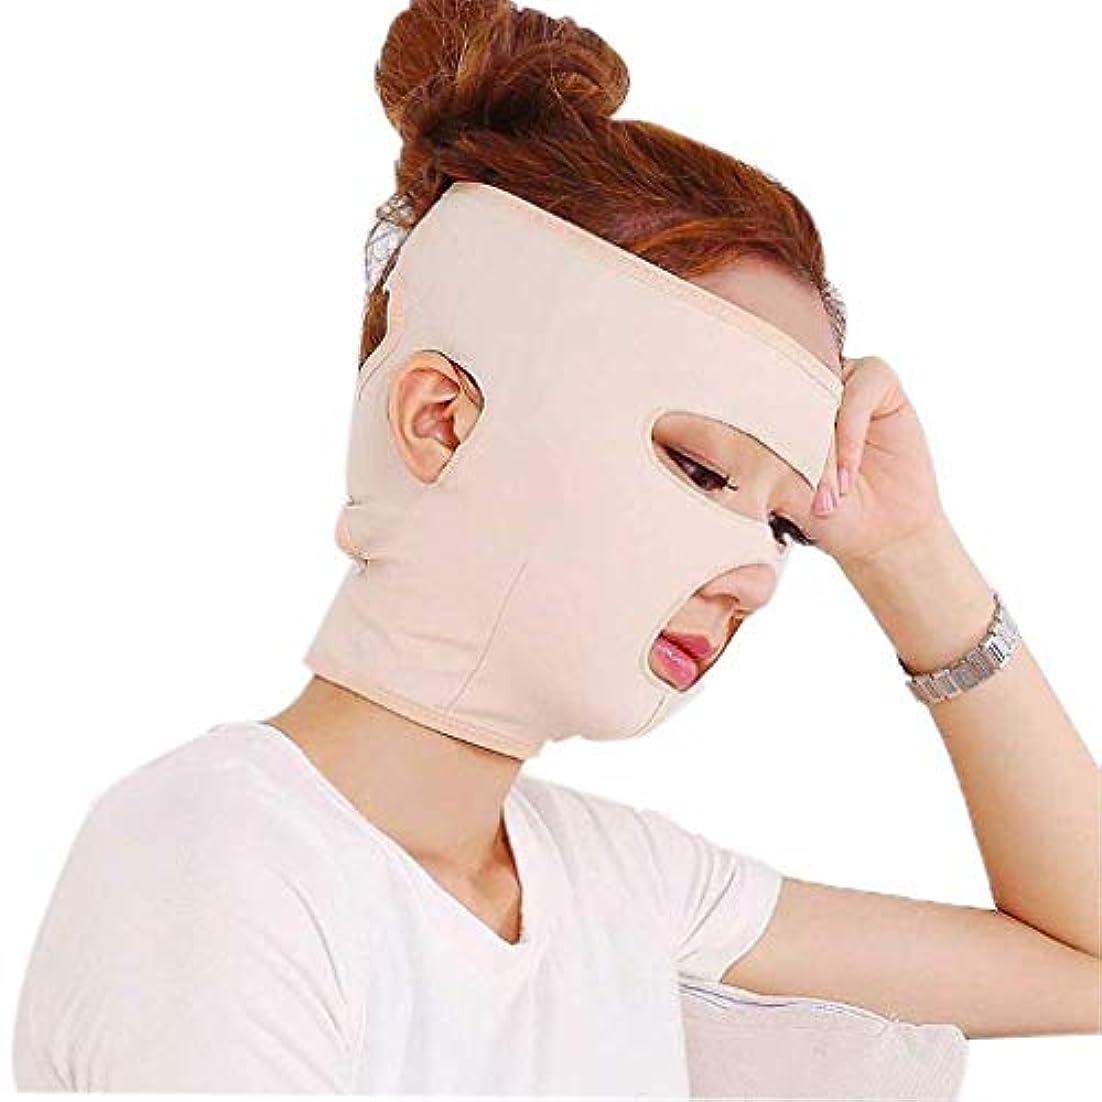 オリエンタル尋ねるたくさんのフェイスリフティングマスク、フルフェイス通気性の術後回復包帯リフティング引き締め肌の減少は、小さなVフェイスマスクを作成します(サイズ:M)